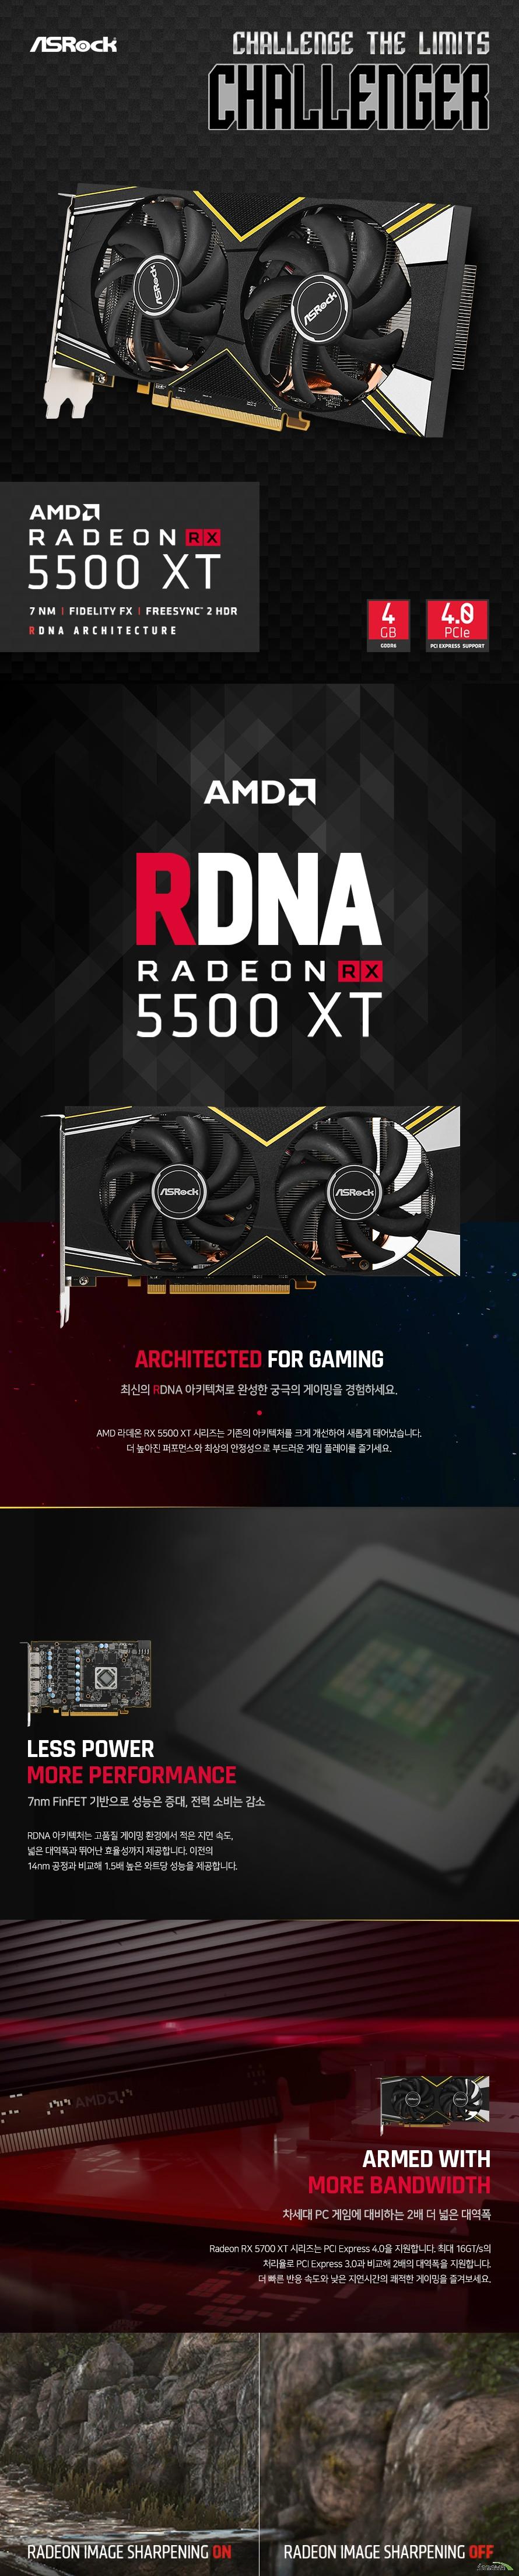 최신의 RDNA 아키텍쳐로 완성한 궁극의 게이밍을 경험하세요. AMD 라데온 RX 5500 XT 시리즈는 기존의 아키텍처를 크게 개선하여 새롭게 태어났습니다. 더 높아진 퍼포먼스와 최상의 안정성으로 부드러운 게임 플레이를 즐기세요. RDNA 아키텍처는 고품질 게이밍 환경에서 적은 지연 속도, 넓은 대역폭과 뛰어난 효율성까지 제공합니다. 이전의 14nm 공정과 비교해 1.5배 높은 와트당 성능을 제공합니다. Radeon RX 5700 XT 시리즈는 PCI Express 4.0을 지원합니다. 최대 16GT/s의 처리율로 PCI Express 3.0과 비교해 2배의 대역폭을 지원합니다. 더 빠른 반응 속도와 낮은 지연시간의 쾌적한 게이밍을 즐겨보세요. Radeon의 새로운 이미지 샤프닝 기술은 적응형 선명화 효과와 GPU 업 스케일링을 통합하여 게이밍 성능에 거의 영향을 미치지 않으면서도 선명한 실시간 시각 효과를 제공합니다. FidelityFX는 고성능 후처리 효과의 컬렉션으로서 여러 효과를 소수의 셰이더 패스로 자동 축소하여 오버헤드를 줄이고 GPU 공간을 확보하여 성능 낭비를 최소화 한, 최적의 게이밍 환경을 제공합니다. 더 빠른 냉각 성능을 보장하는 Dual Cooling Fan을 적용하여 GPU와 내부 컴포넌트의 발열을 더 빠르고 효과적으로 해소하고 최상의 게이밍 성능을 오랫동안 유지하는 가장 진보한 쿨링 솔루션입니다.  ASRock의 대형 듀얼 쿨링팬으로 강력한 쿨링 성능을 자랑합니다. 대형 쿨링팬에서 나오는 강력한 풍량과 풍압은 최적의 온도를 유지하여 언제나 최상의 성능을 유지시킵니다.  두터워진 8mm 두께의 구리 히트파이프와 히트싱크의  뛰어난 내부 쿨링으로 외부 쿨링 팬과 함께 내부 발열을  빠르고 효율적으로 해소시킵니다. 최신 AAA급 게임의 1080p 이상 고해상도에서도 쾌적한 플레이를 보장합니다. 게이밍 그래픽카드의 선두주자, RADEON의 노하우가 집약된 뛰어난 안정성과 최강의 성능까지 모두 누려보세요. 새롭게 엔지니어링된 RDNA는 AMD의 7nm 게이밍 GPU를 구동하는 아키텍처로서, 14nm 프로세서보다 1.25배 높은 클럭당 성능을 제공합니다. GDDR6 메모리, PCI Express 4.0이 포함된 RDNA 아키텍처로 차세대 게임을 미리 준비하세요. 기존 PC 디스플레이의 한계를 뛰어 넘는 AMD Eyefinity™ 기술은 최대 4대의 모니터를 동시에 지원하며 사실감 넘치는 화면의 8K 해상도와 화사한 색감의 HDR 디스플레이, 최신 VR 기기까지 지원하는 출력 포트로 모든 게이밍 디스플레이의 요구를 충족합니다. 많은 전력량을 요구하는 고사양 게이밍을 장기간 원활하게 구동하기 위해서 고품질 부품 구성은 필수입니다. 강철같은 내구성과 안정성을 자랑하는 최상급 PCB 구성은 뛰어난 전력 효율과 함께 비교불가의 안정적인 퍼포먼스를 완성합니다. 긴 수명과 높은 발열 내구성을 갖춘 믿을 수 있는 품질의 전원부 컴포넌트로 항상 최적의 퍼포먼스를 유지합니다. 공정 미세화와 전력 최적화 기술로 많은 순간 전력량을 요구하는 사양 게이밍 환경에 안전성을 더해줍니다. 다이캐스팅으로 주조된 금속으로 만들어진 백플레이트는 그래픽카드 후면의 미를 책임지고 더불어 그래픽카드의 변형 및 충격으로 부터 안전하게 보호합니다. RDNA로 새롭게 탄생한 Navi 아키텍처는 최신 7nm FinFET 공정을 정교하게 접목하여 더욱 향상된 전성비와 그래픽 처리 성능을 제공합니다. 높은 재생률, 낮은 지연속도, 10비트 HDR을 통해 끊김, 깨짐 현상이 없는 최고의 게이밍 환경을 제공합니다. VR 콘텐츠에 최적화된, 헤드셋과 완벽하게 호환되는 기술을 활용하여 높은 몰입감의 VR 경험을 선사합니다. 기존 방식의 한계를 뛰어넘는 다중 디스플레이로 멀티태스킹의 유연함과 높은 몰입도를 느껴보세요. 적응형 선명화 효과와 GPU 업 스케일링을 통합하여 게이밍 성능에 영향을 미치지 않으면서도 실시간으로 선명하게 출력되는 향상된 시각효과를 제공합니다. 여러 효과들을 소수의 셰이더 패스로 자동 축소하여 오버헤드를 줄이고 GPU 공간을 확보하여 